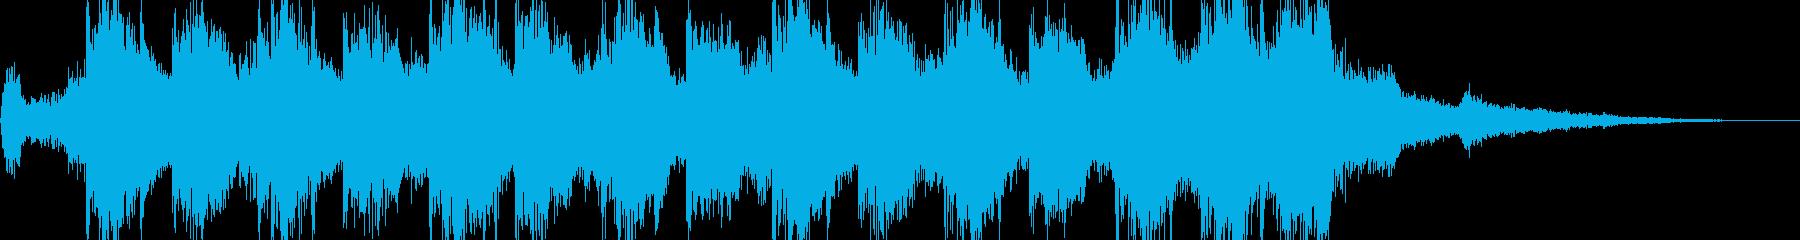 迫力のあるファンファーレ系の再生済みの波形